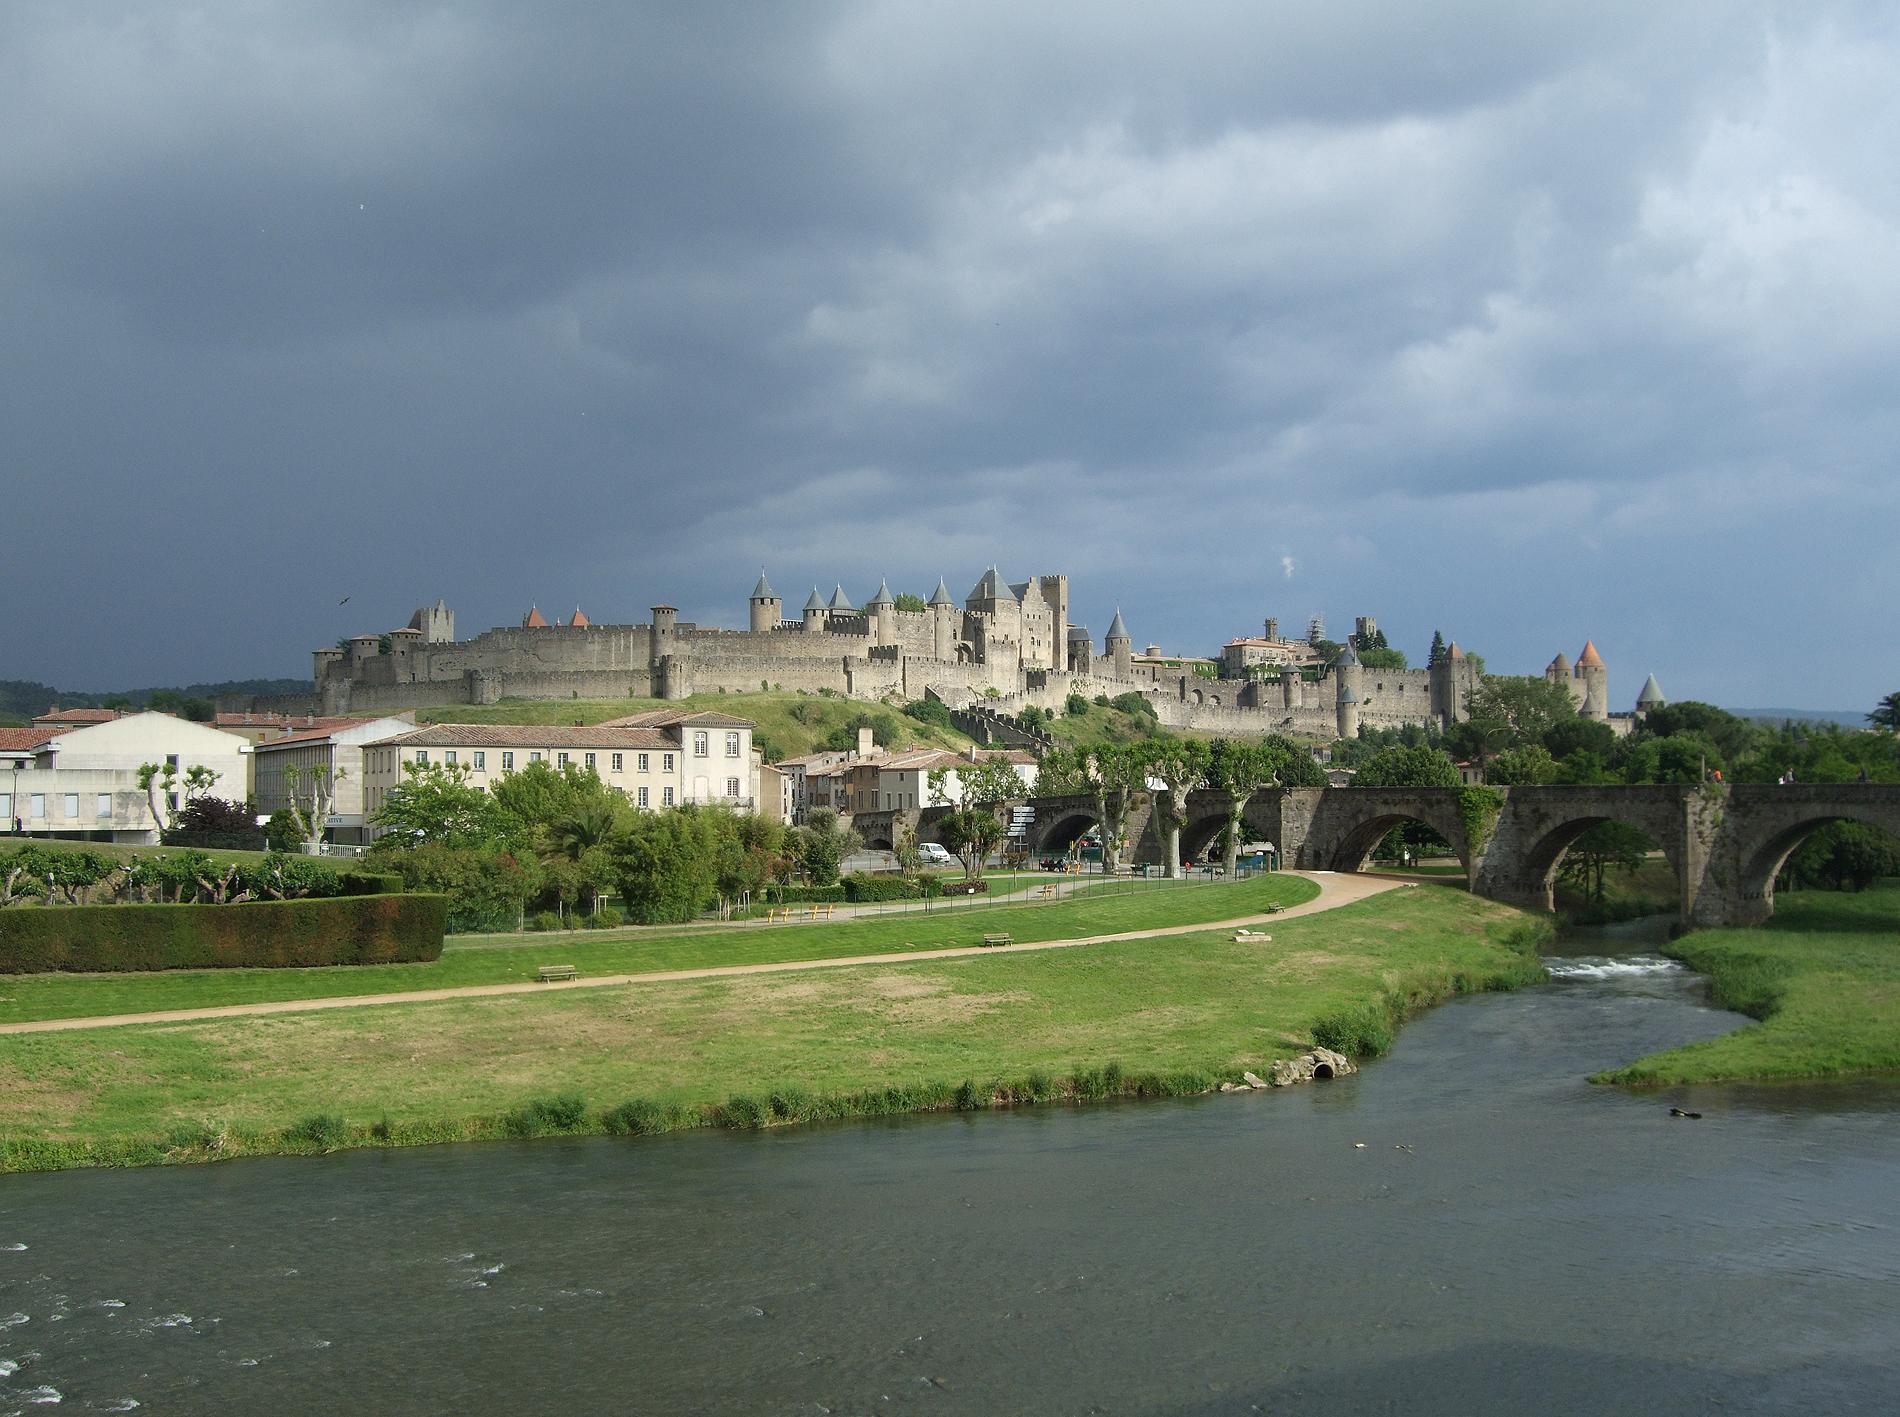 02.09.2010 Vista de la vella ciutat fortificada i del Pont Vell des del riu Aude, poc abans d'una forta tormenta d'estiu.                               Carcassona   -  Jordi Bibià